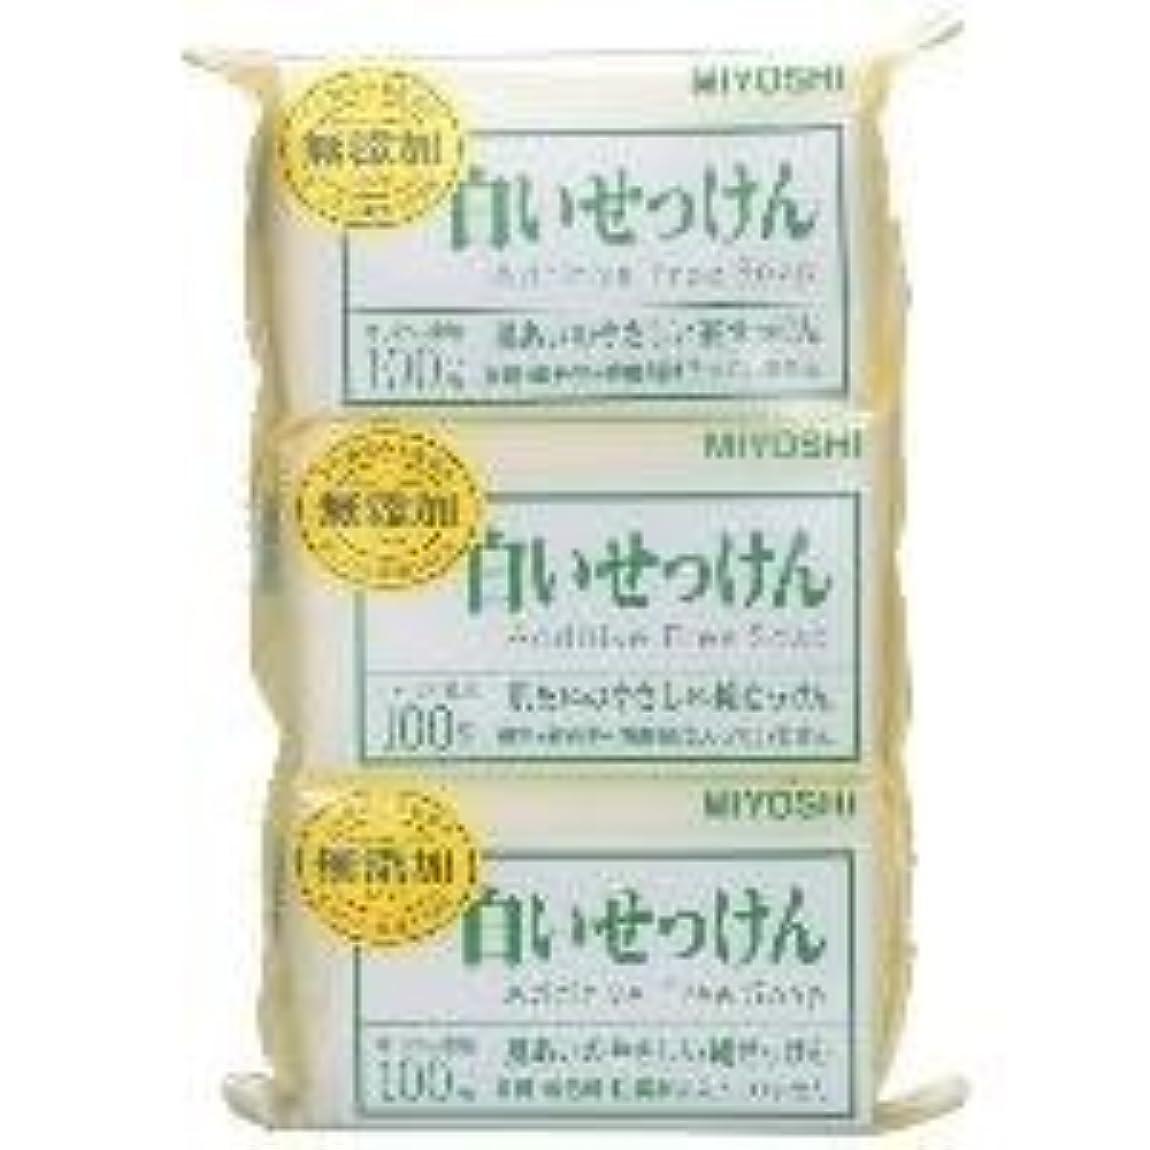 怠なタイムリーな衝突する【MIYOSHI】無添加 白いせっけん 108g×3個入